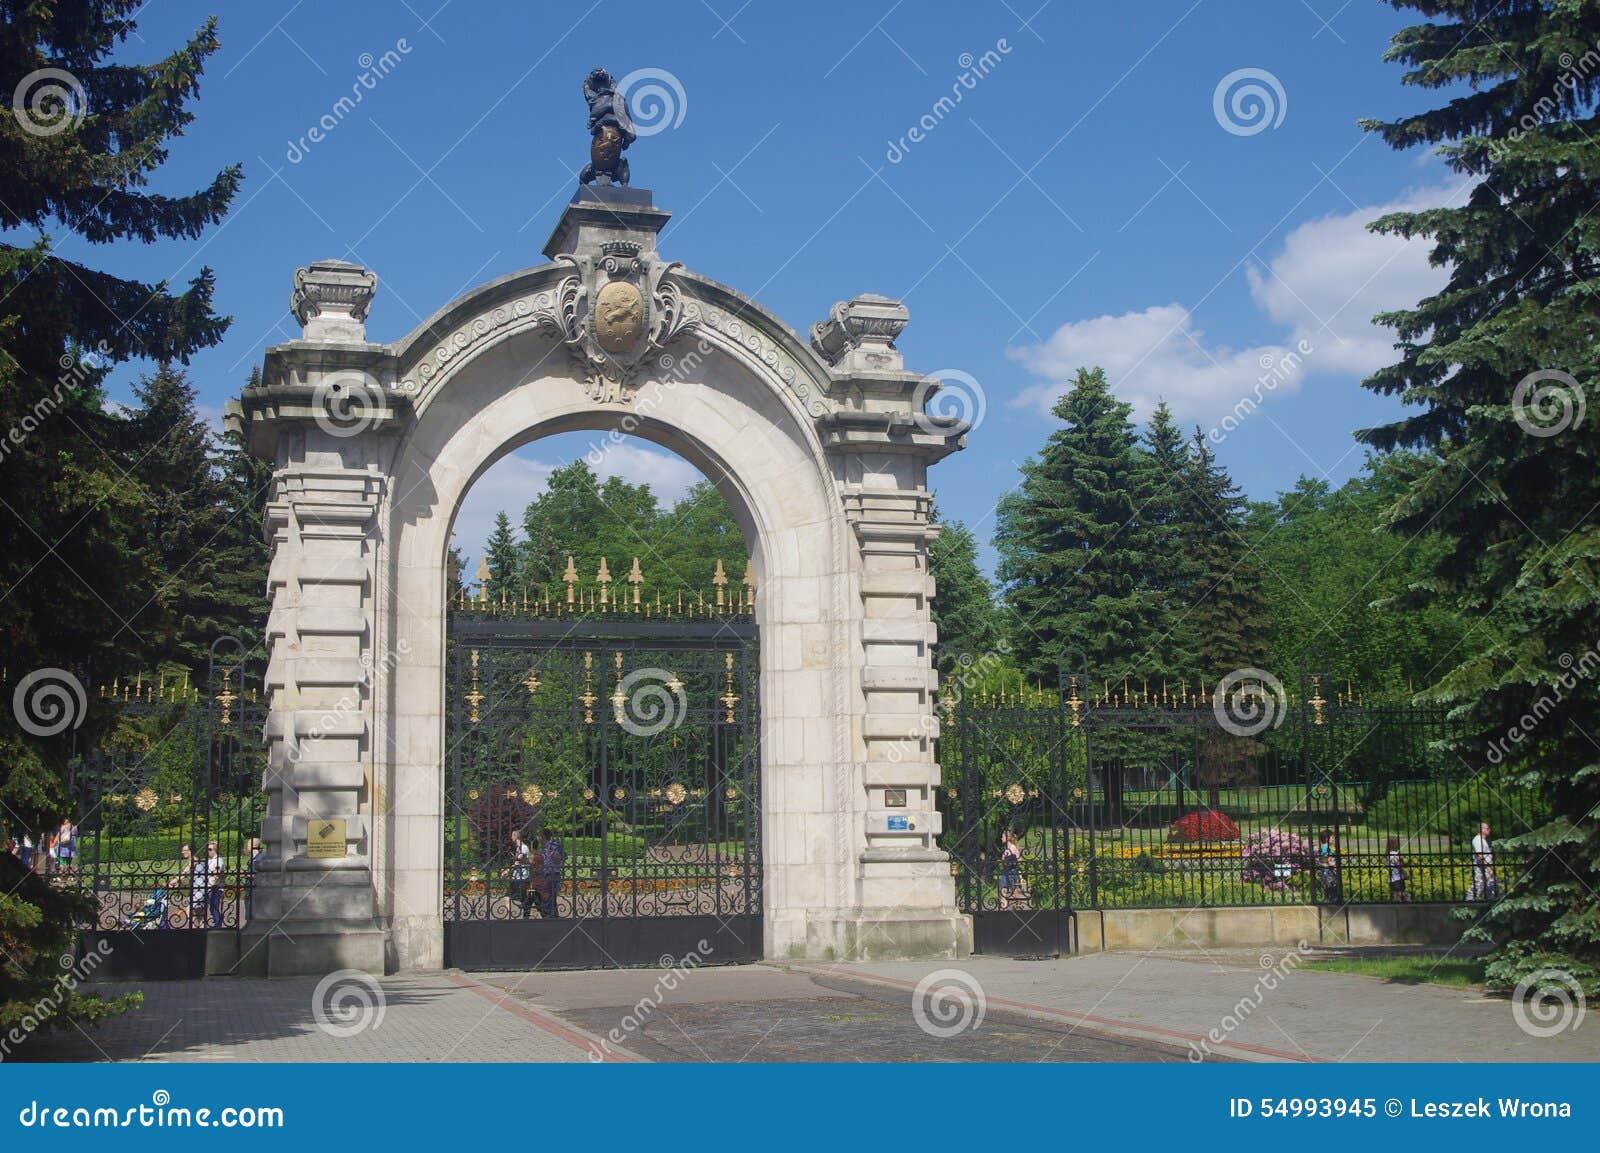 Entrance gates to the silesian zoological garden editorial for Amaru en la puerta de un jardin